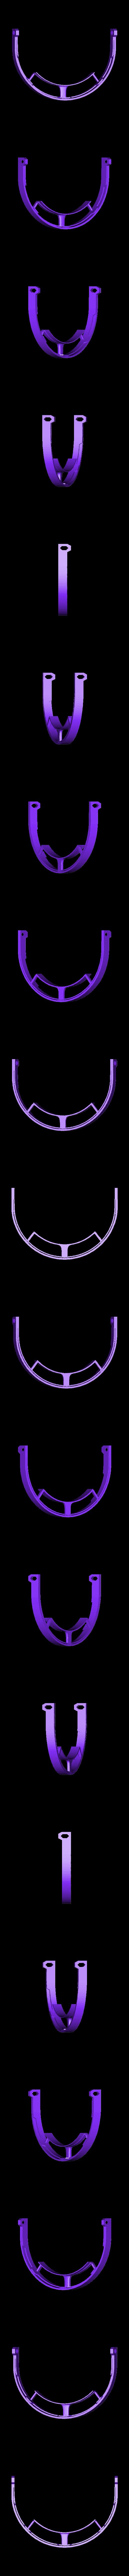 Face_shield_V2.STL Télécharger fichier STL gratuit Covid-19 Écran facial - simple à imprimer • Plan à imprimer en 3D, hessevalentino